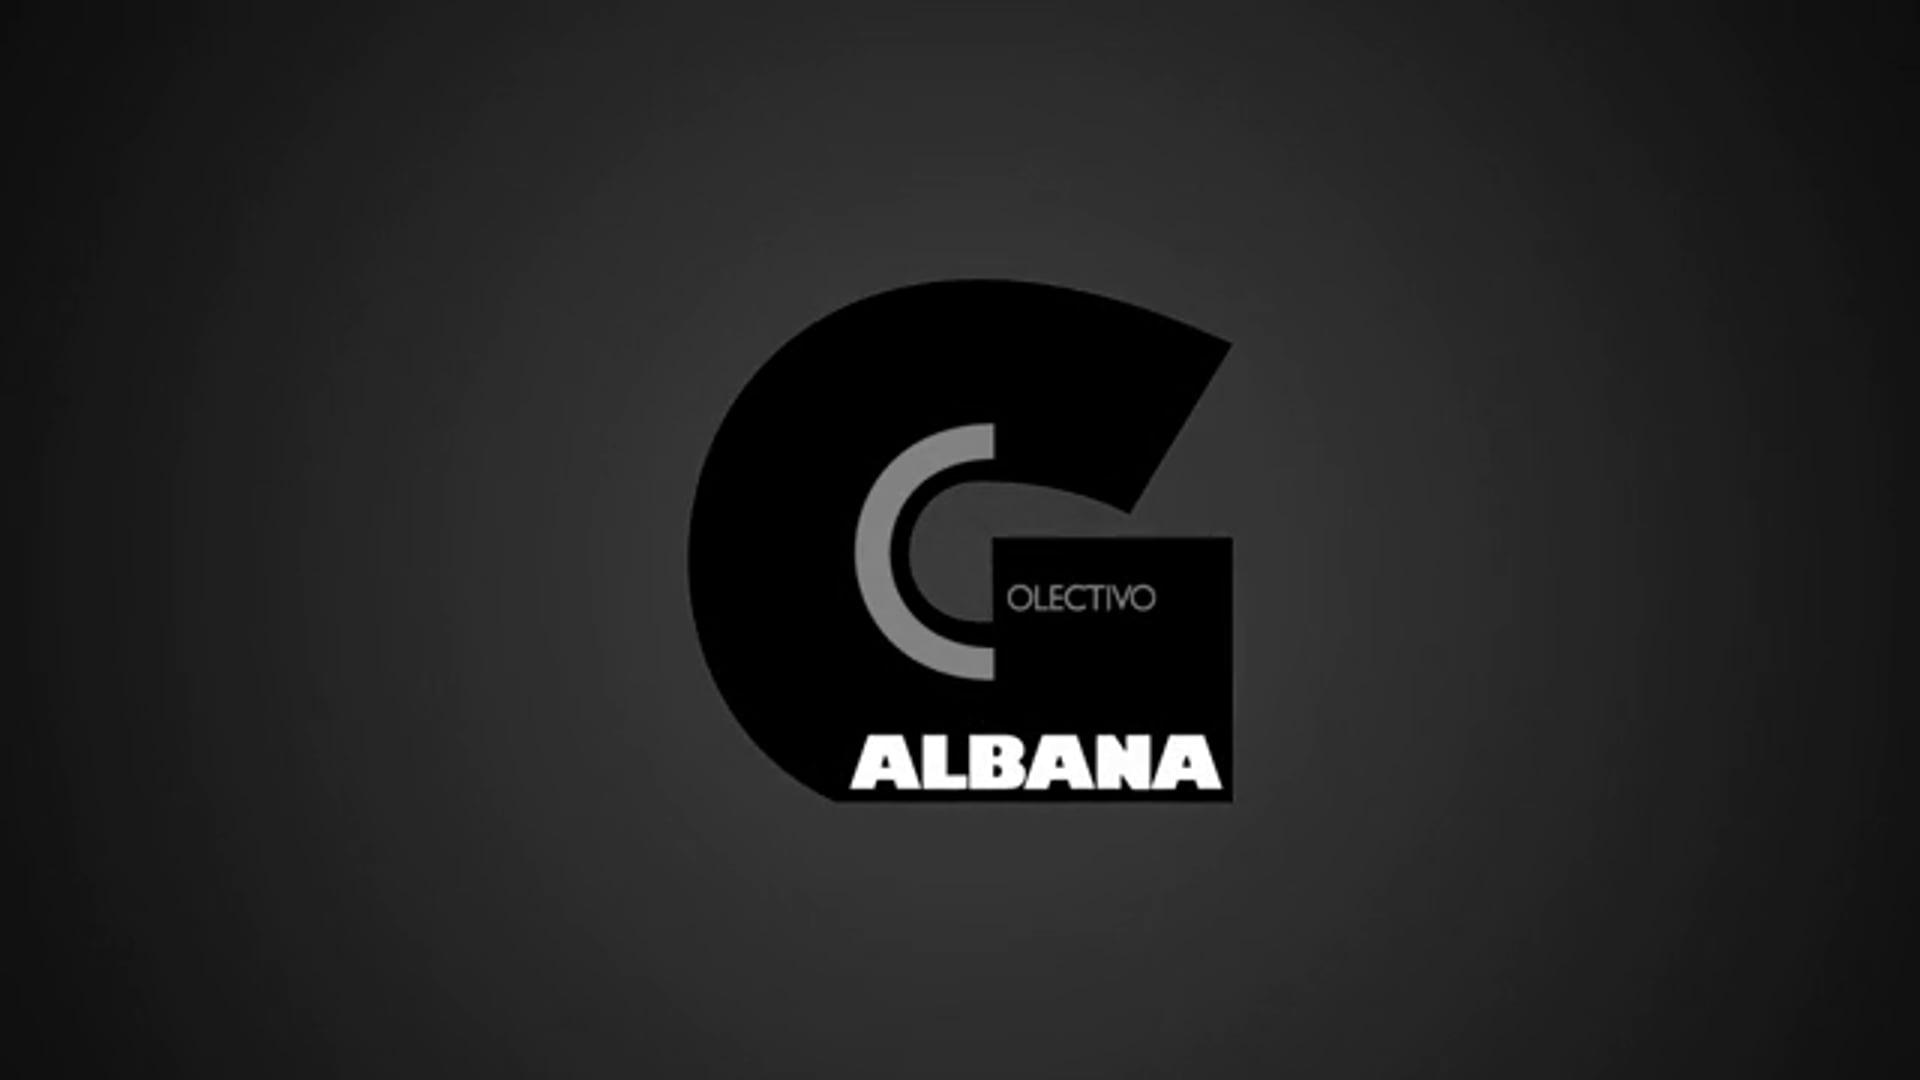 """C. Galbana """"Monstruos"""" (entrevista completa)"""